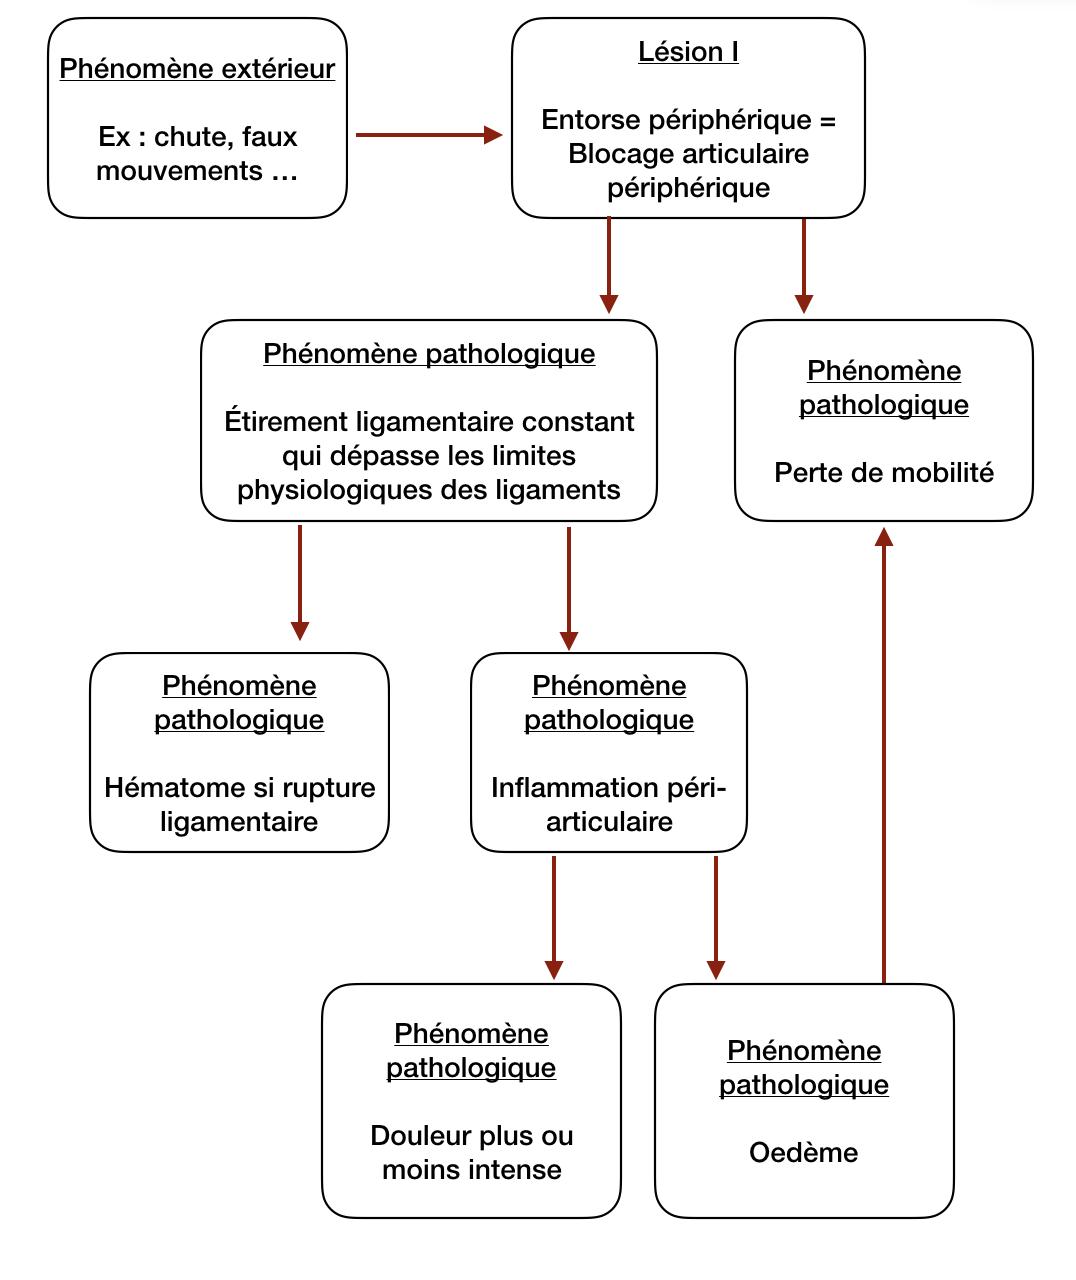 Mécanisme de l'entorse périphérique